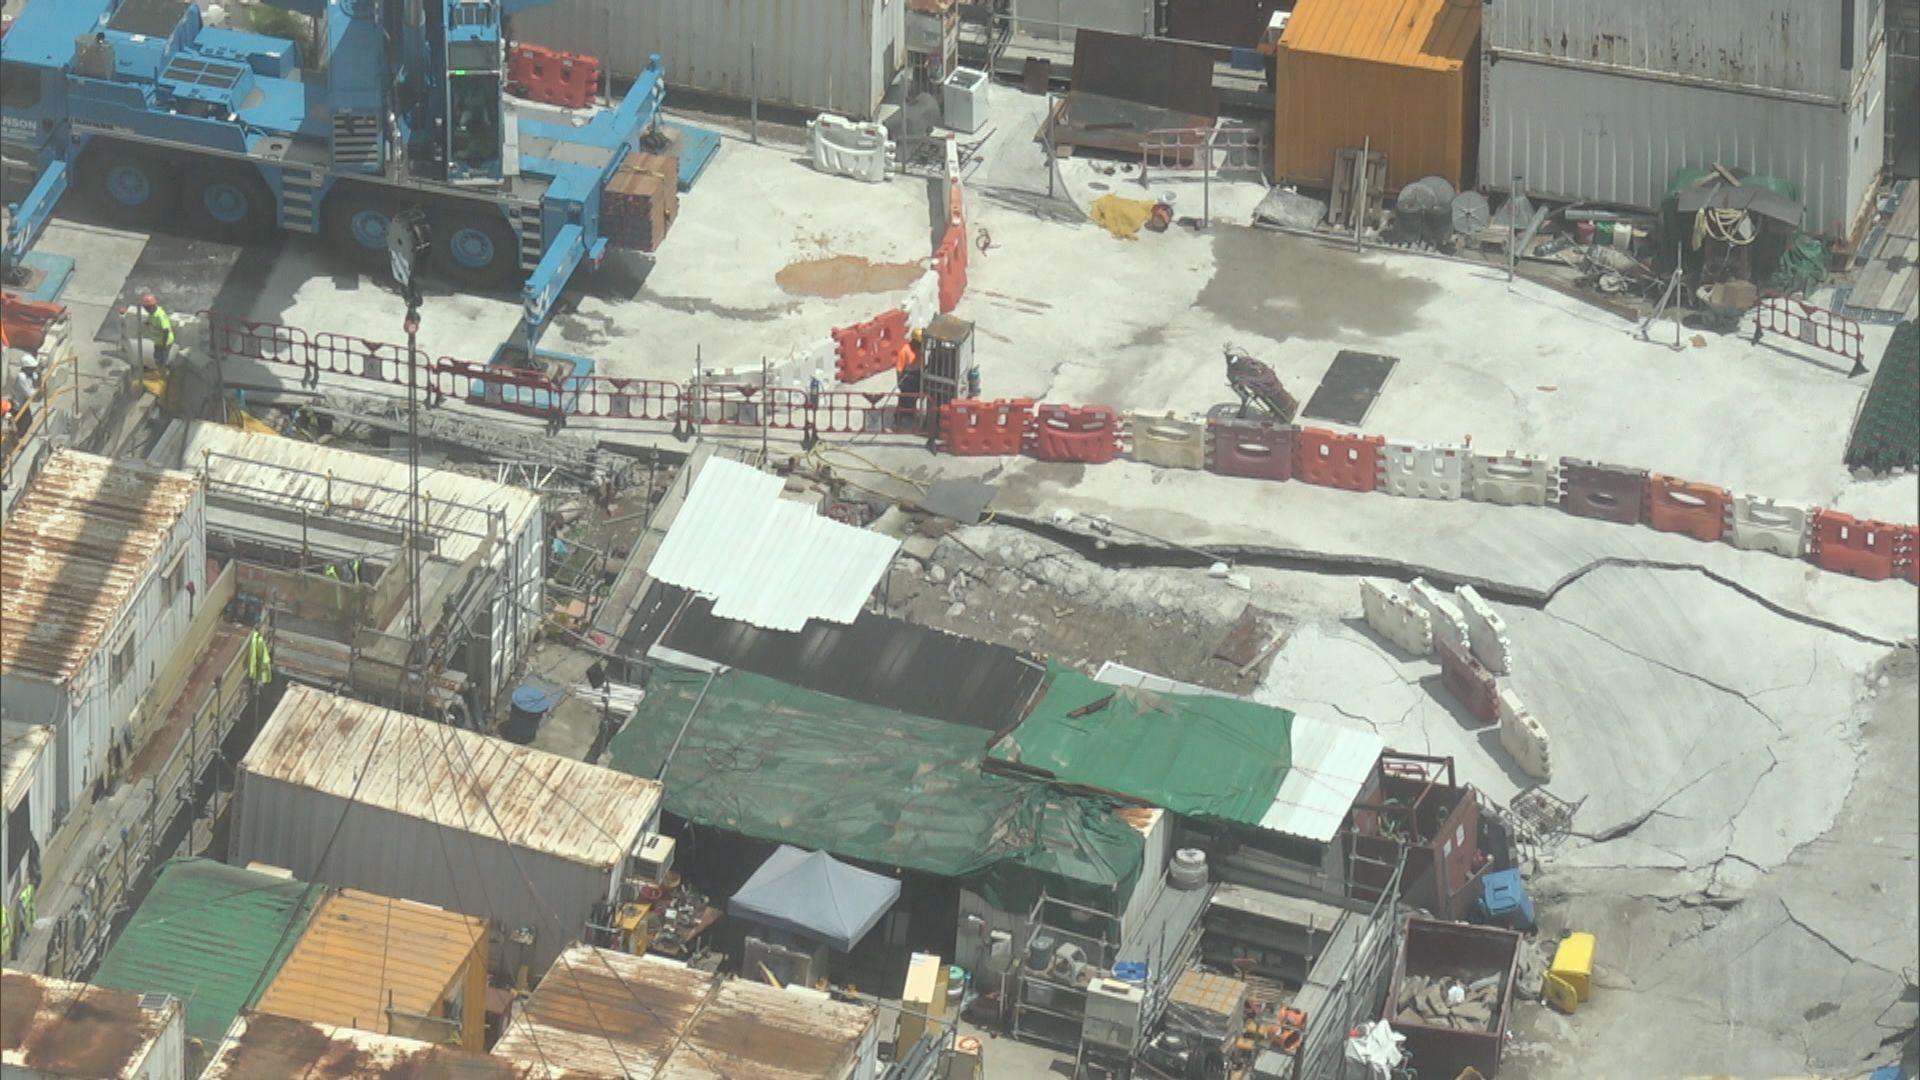 西九文化區演藝綜合劇場地盤疑地陷致水浸